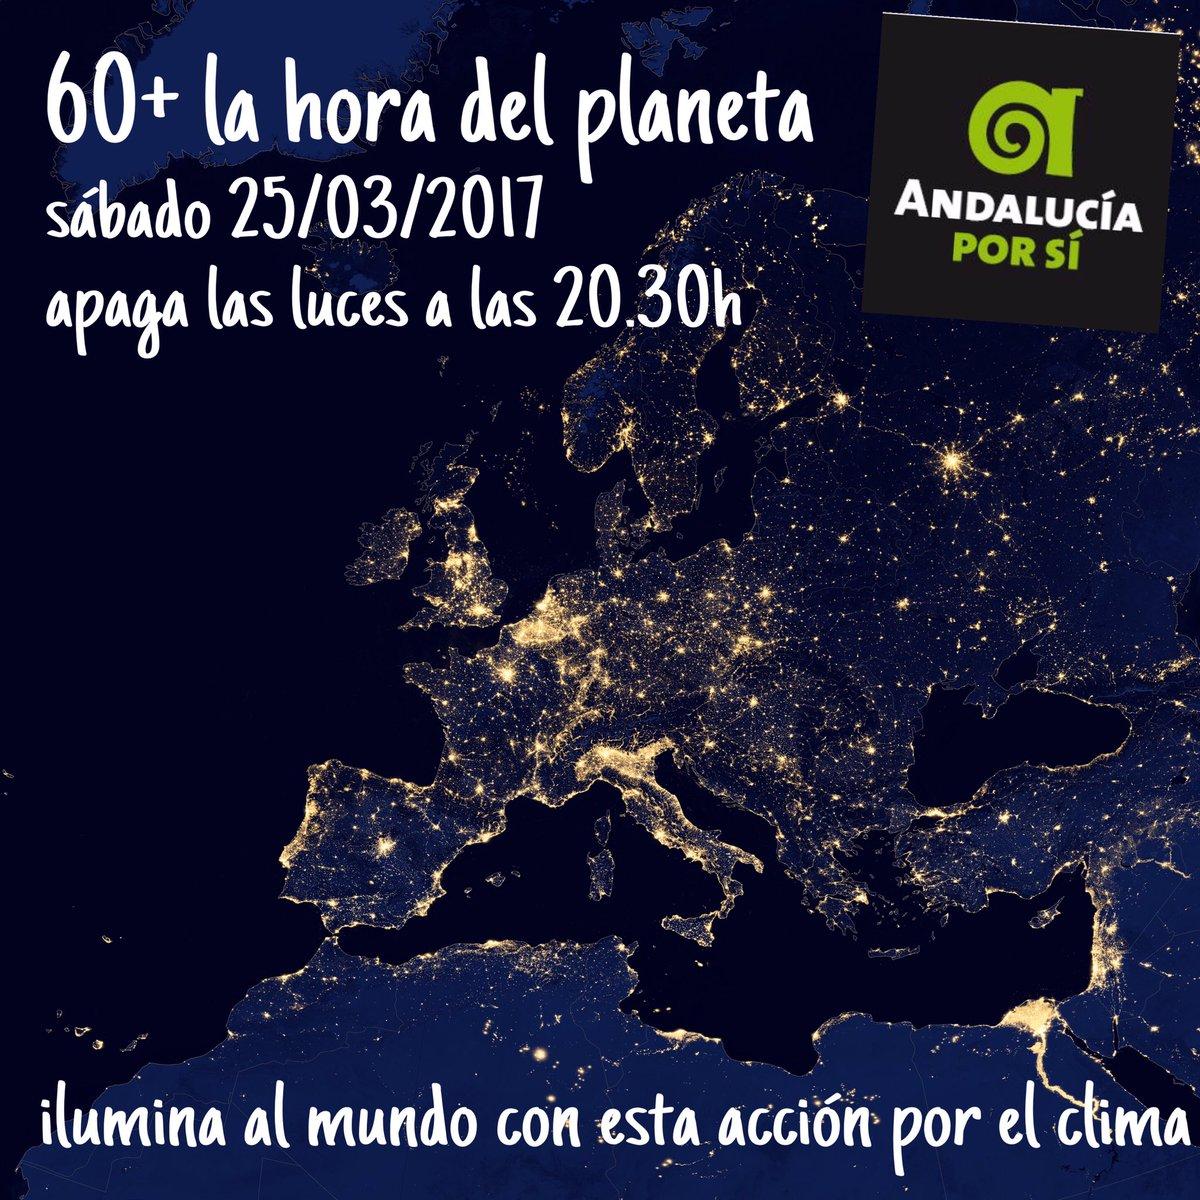 Photo of Andalucía Por Sí defiende desarrollo sostenible, el ahorro energético y el uso responsable, eficiente y equitativo de la energía